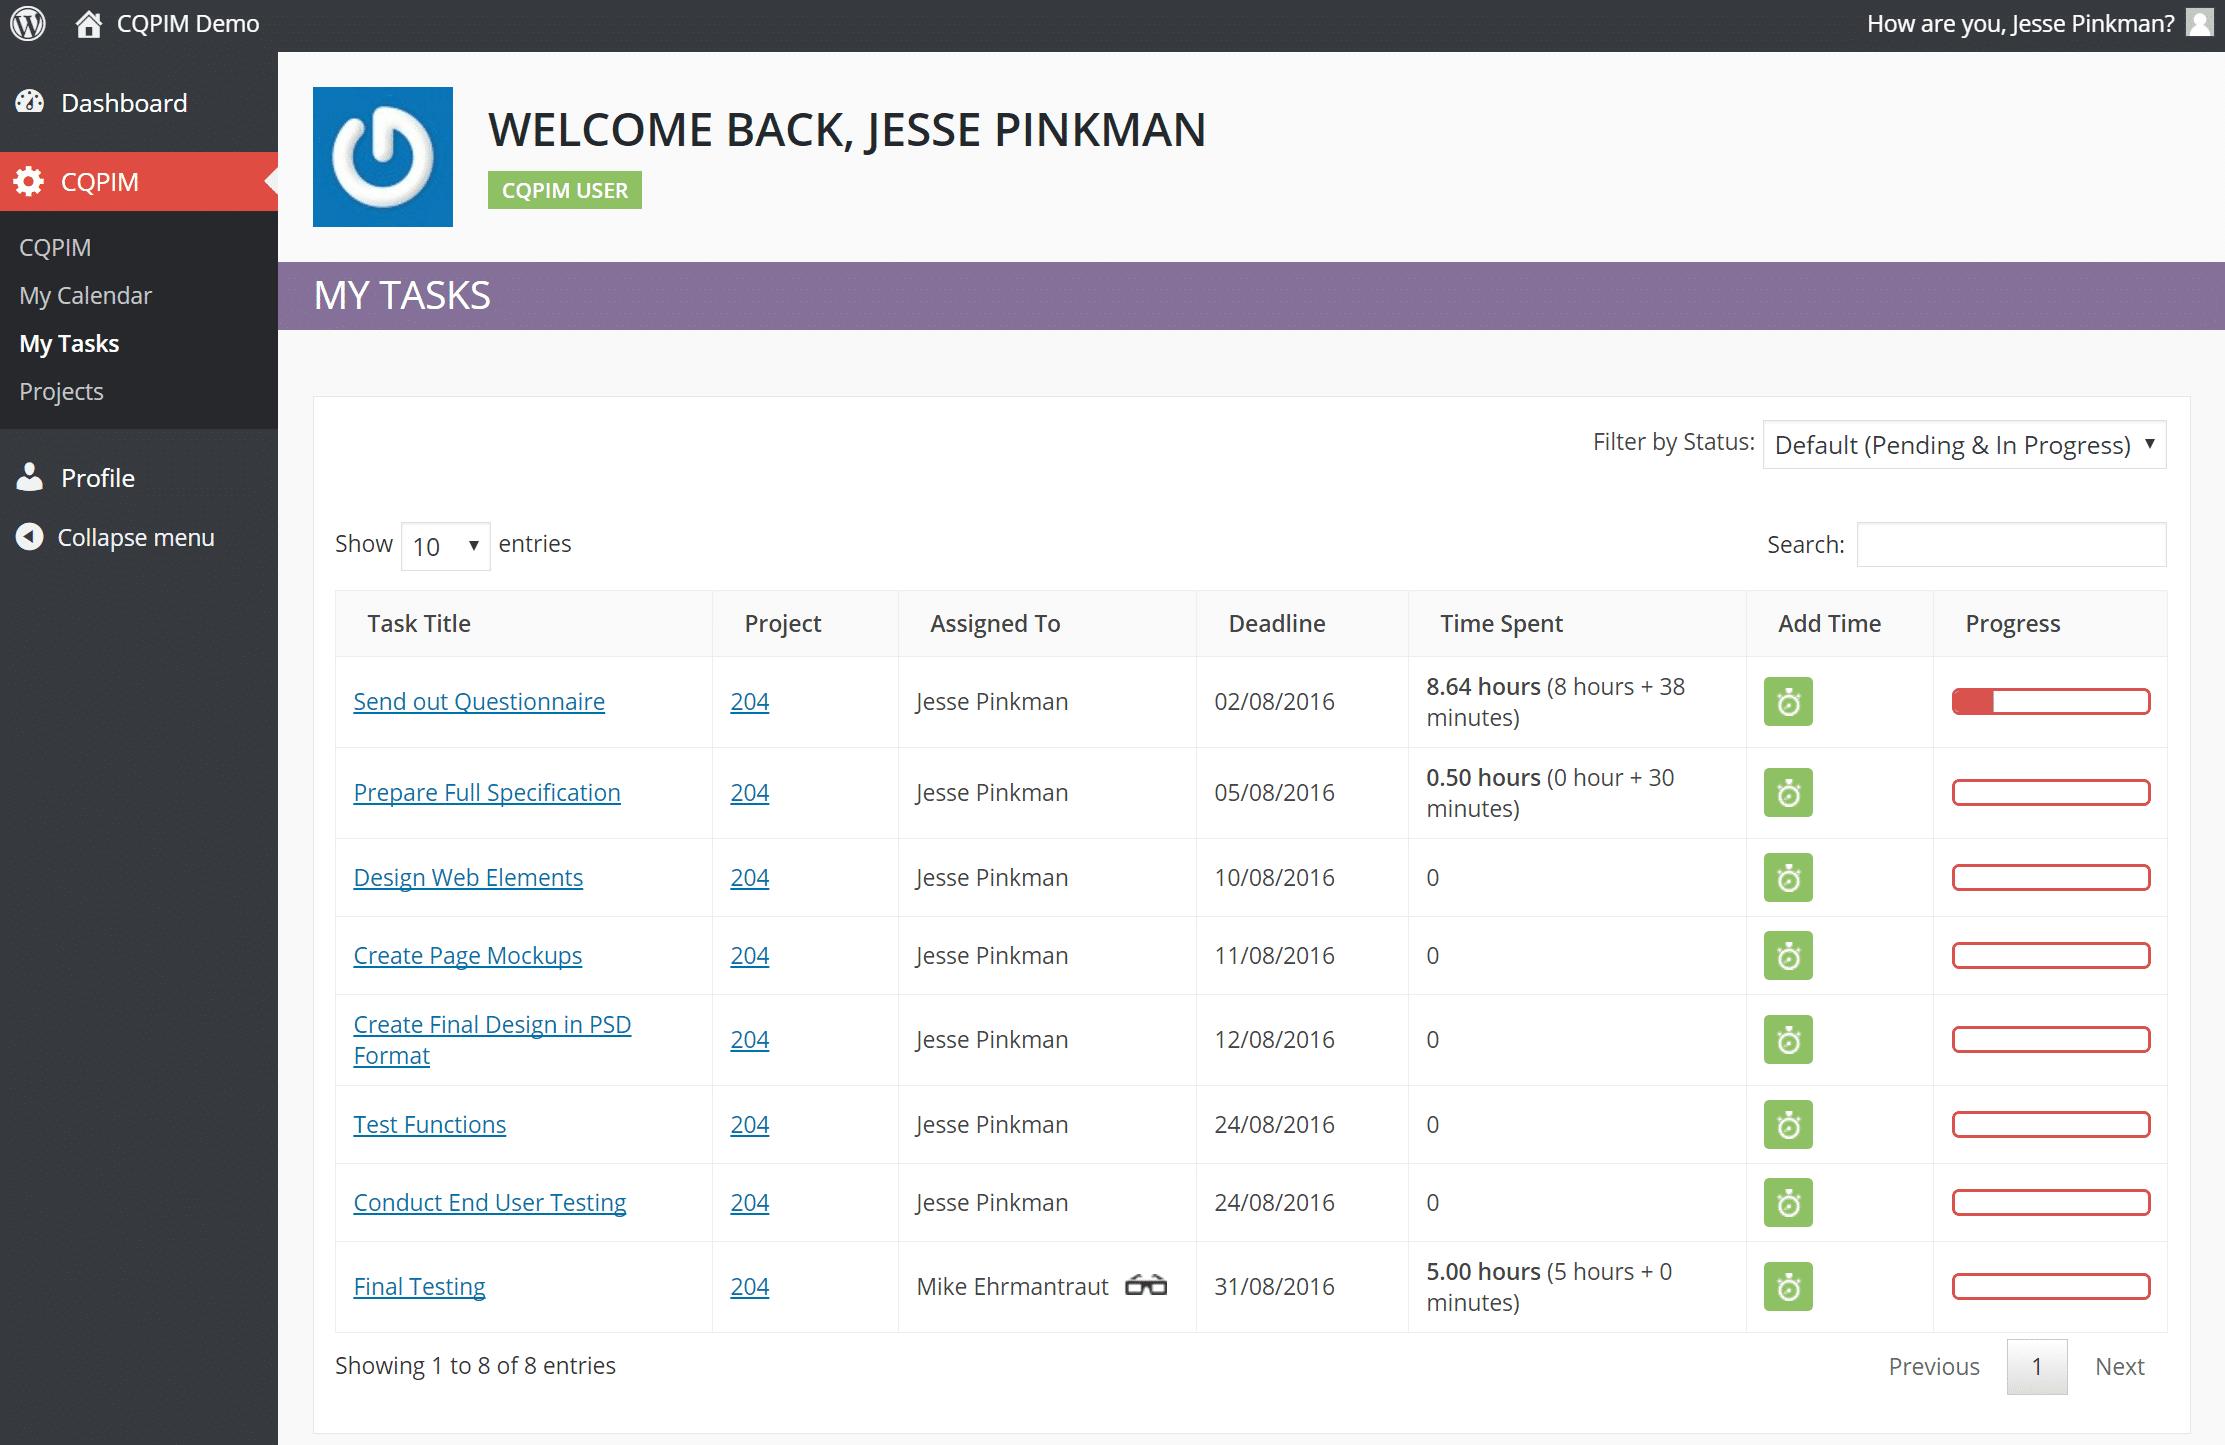 Exemple de tâches dans CQPIM